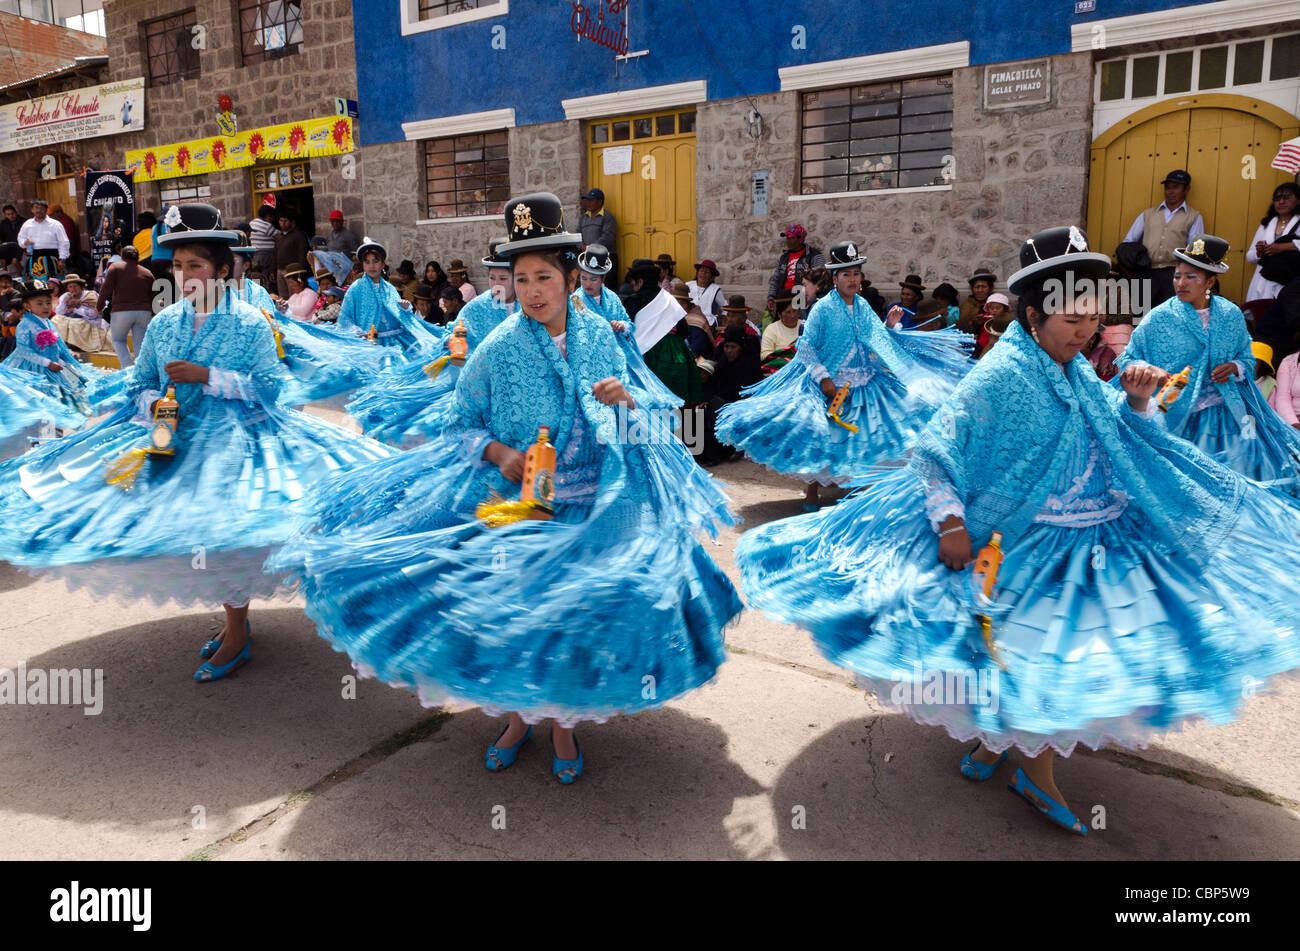 Bailarines tradicionales peruanos en la fiesta de Nuestra Señora del Rosario en Chucuito Puno Peru Imagen De Stock